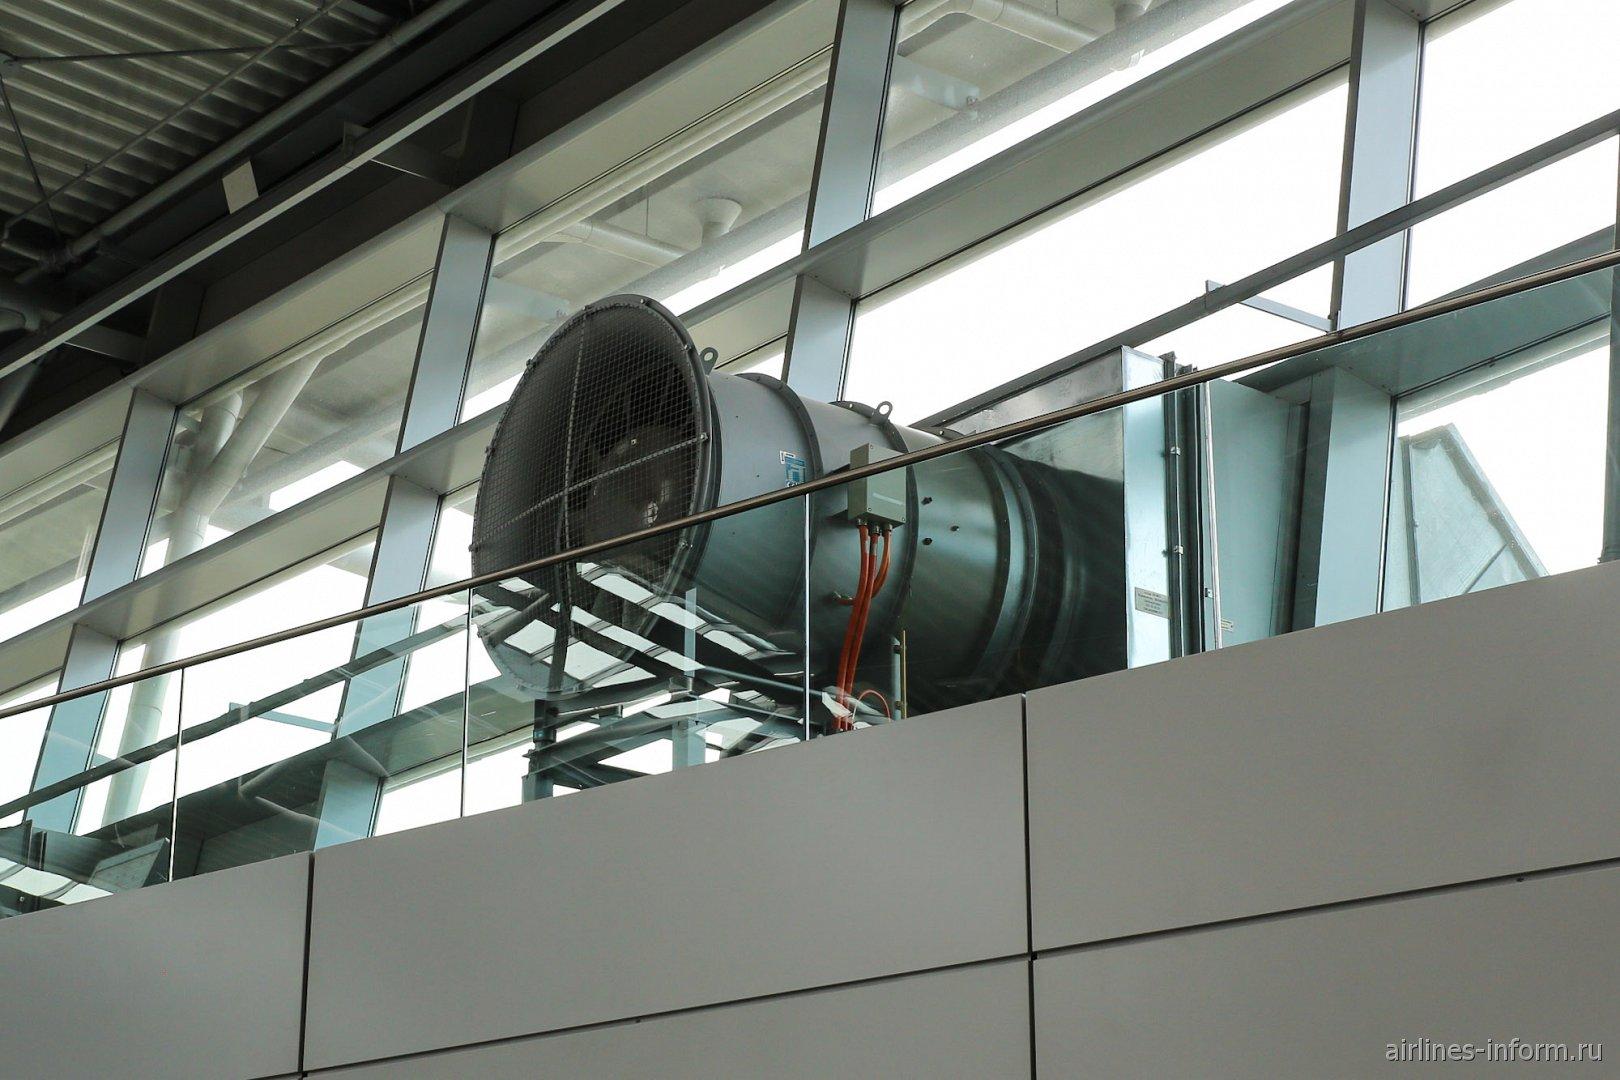 Турбина вентиляции в аэропорту Дюссельдорфа